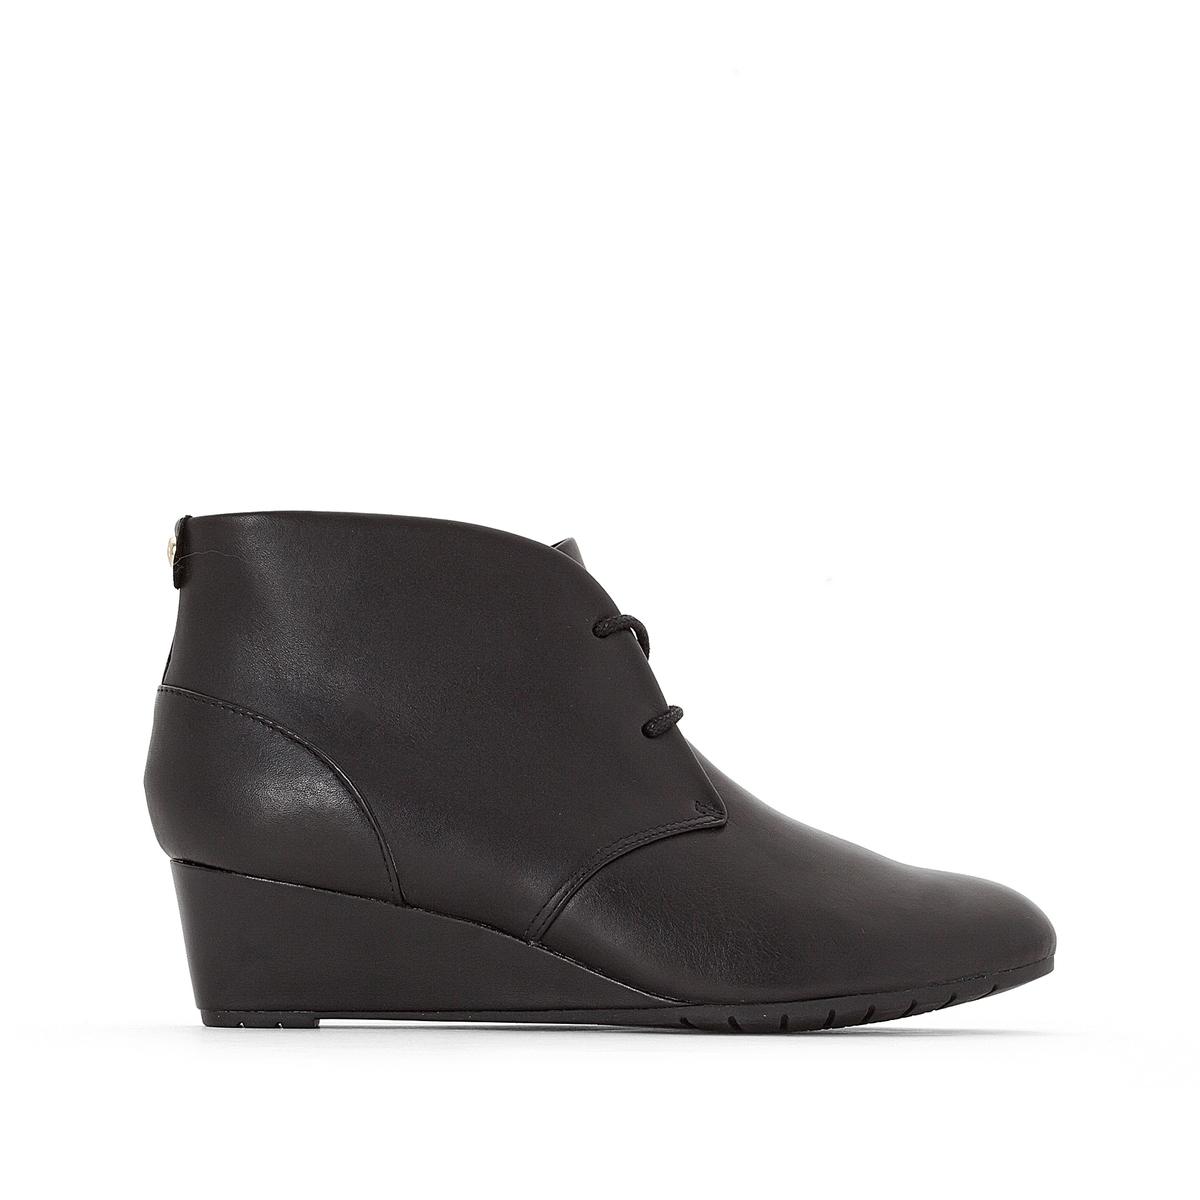 Ботинки кожаные  Vendra PeakВерх : Кожа.   Подкладка : синтетика   Стелька : Кожа.   Подошва : Каучук   Высота каблука : 4 см   Форма каблука : танкетка   Мысок : закругленный   Застежка : Шнуровка<br><br>Цвет: серо-коричневый,черный<br>Размер: 40